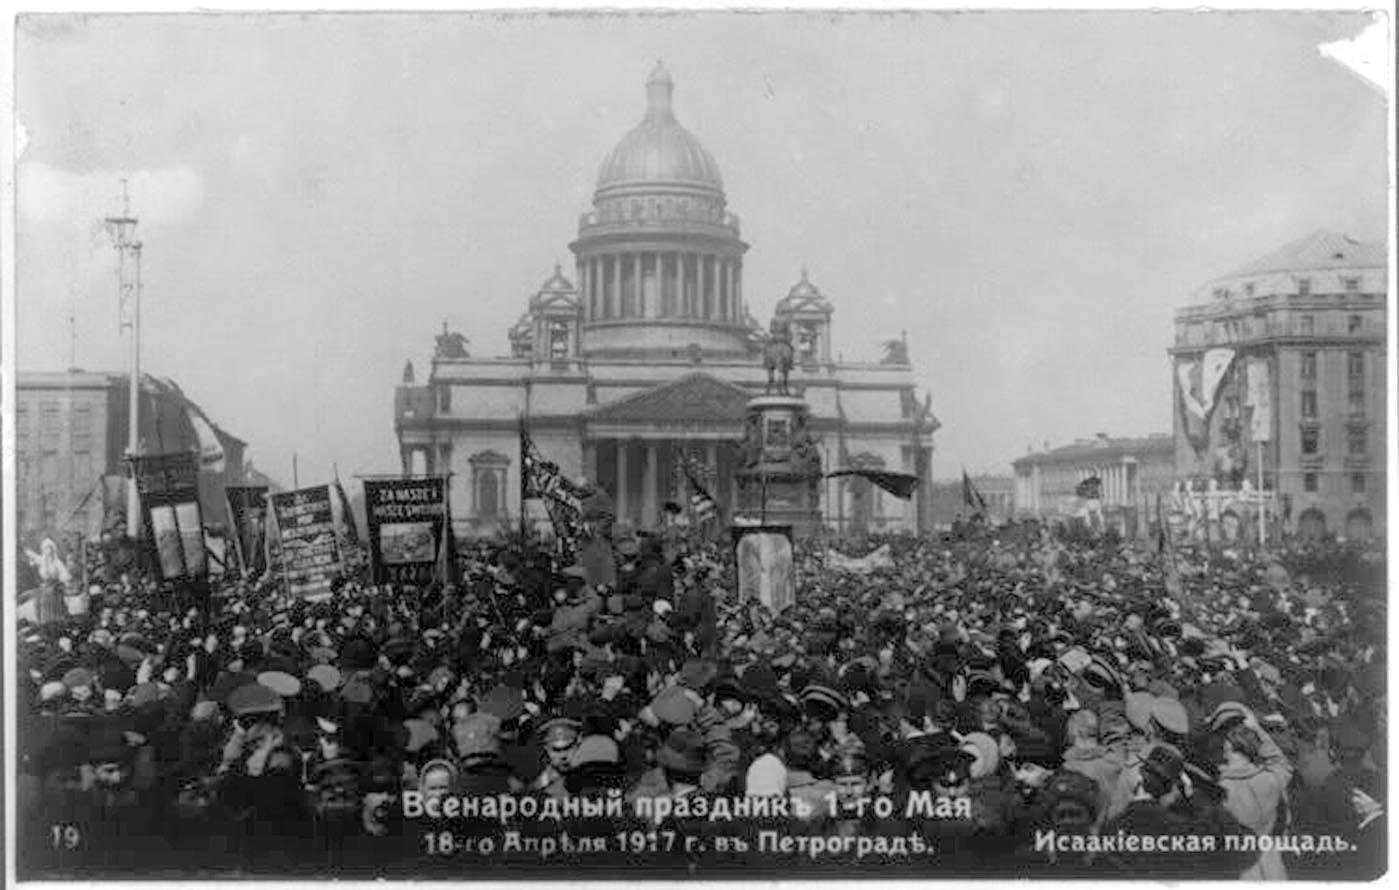 27Всенародный праздник 1-го Мая, 18 апреля 1917 г. Исакиевская площадь